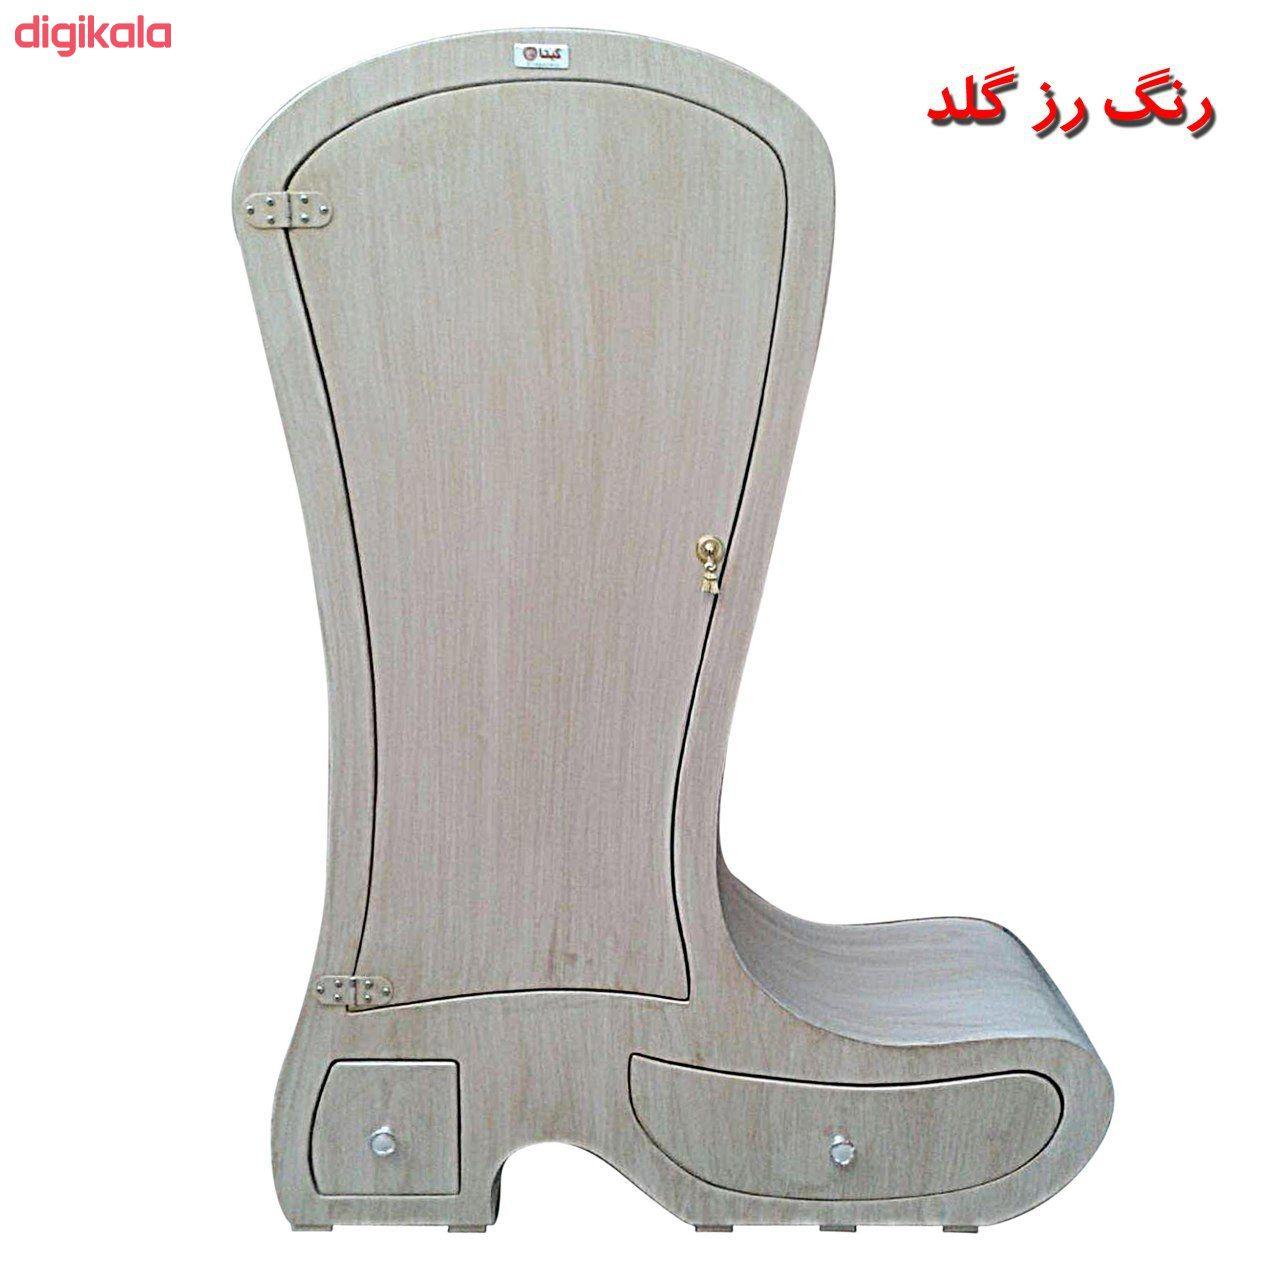 جاکفشی گیتا مدل Boot  main 1 3